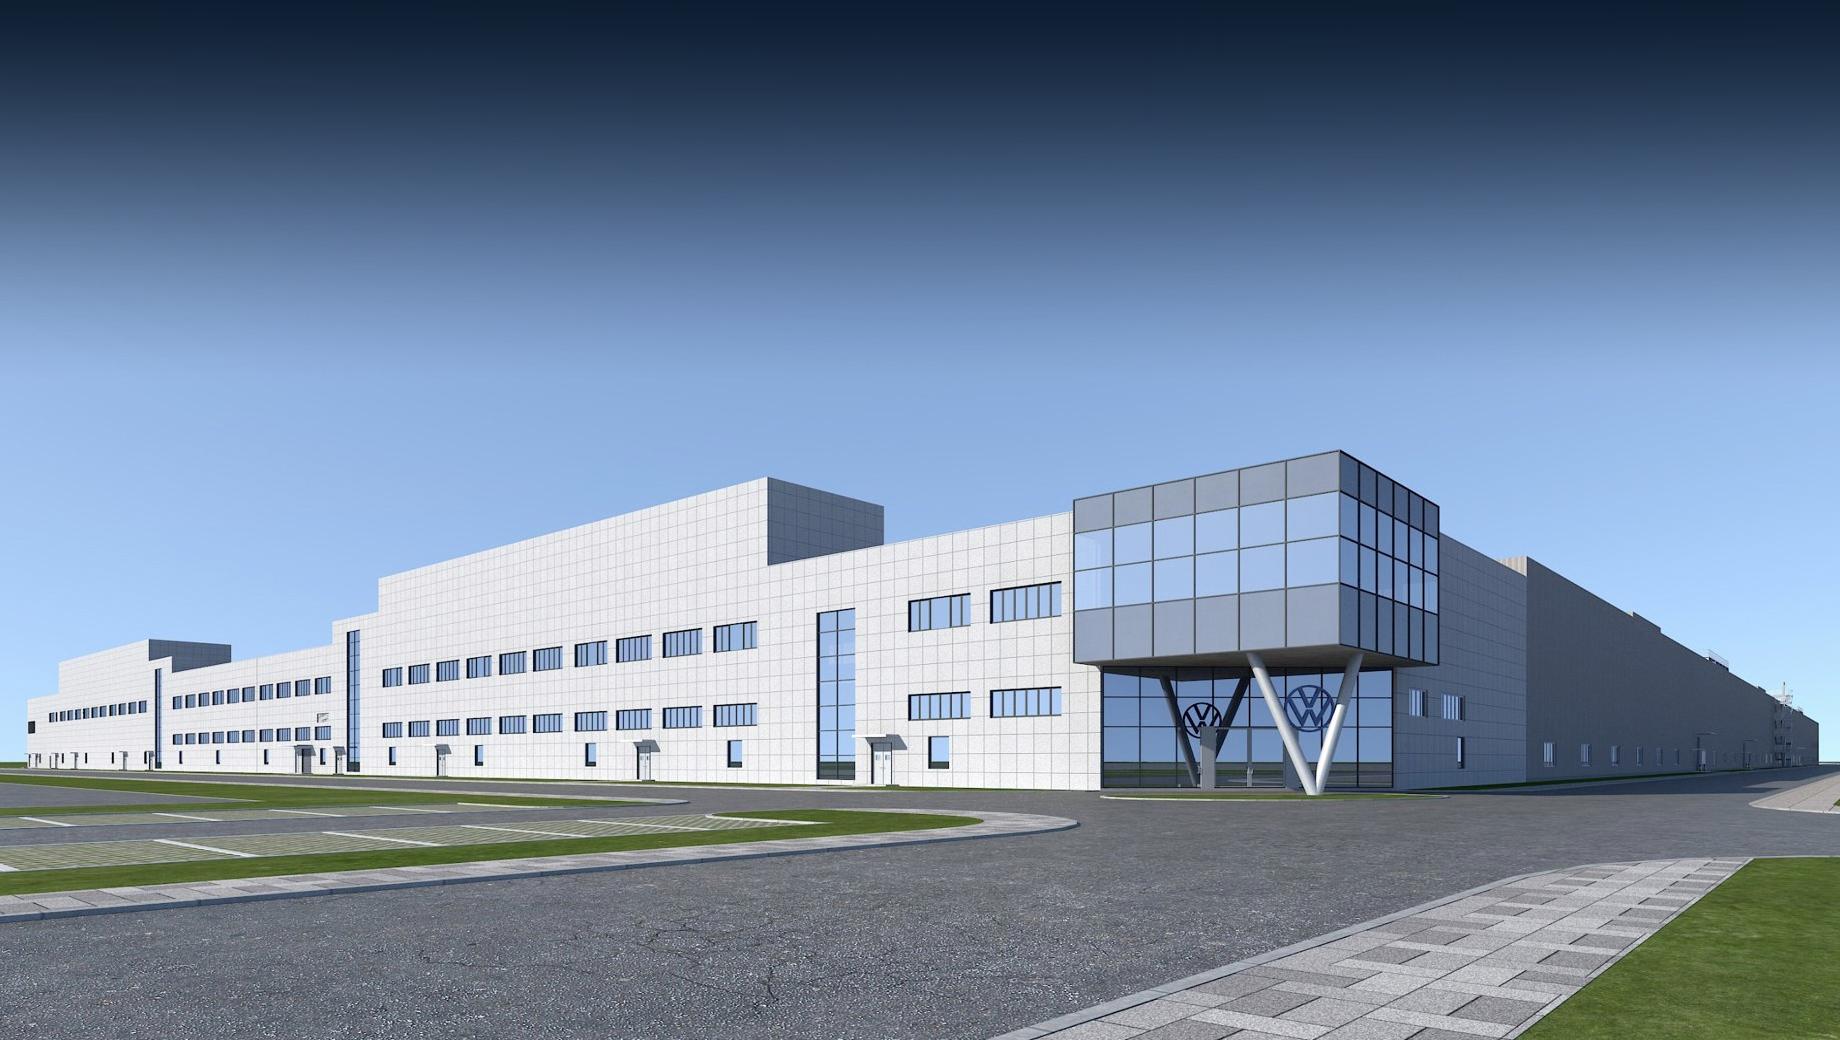 Группа Volkswagen начала строить третий MEB-завод в Китае